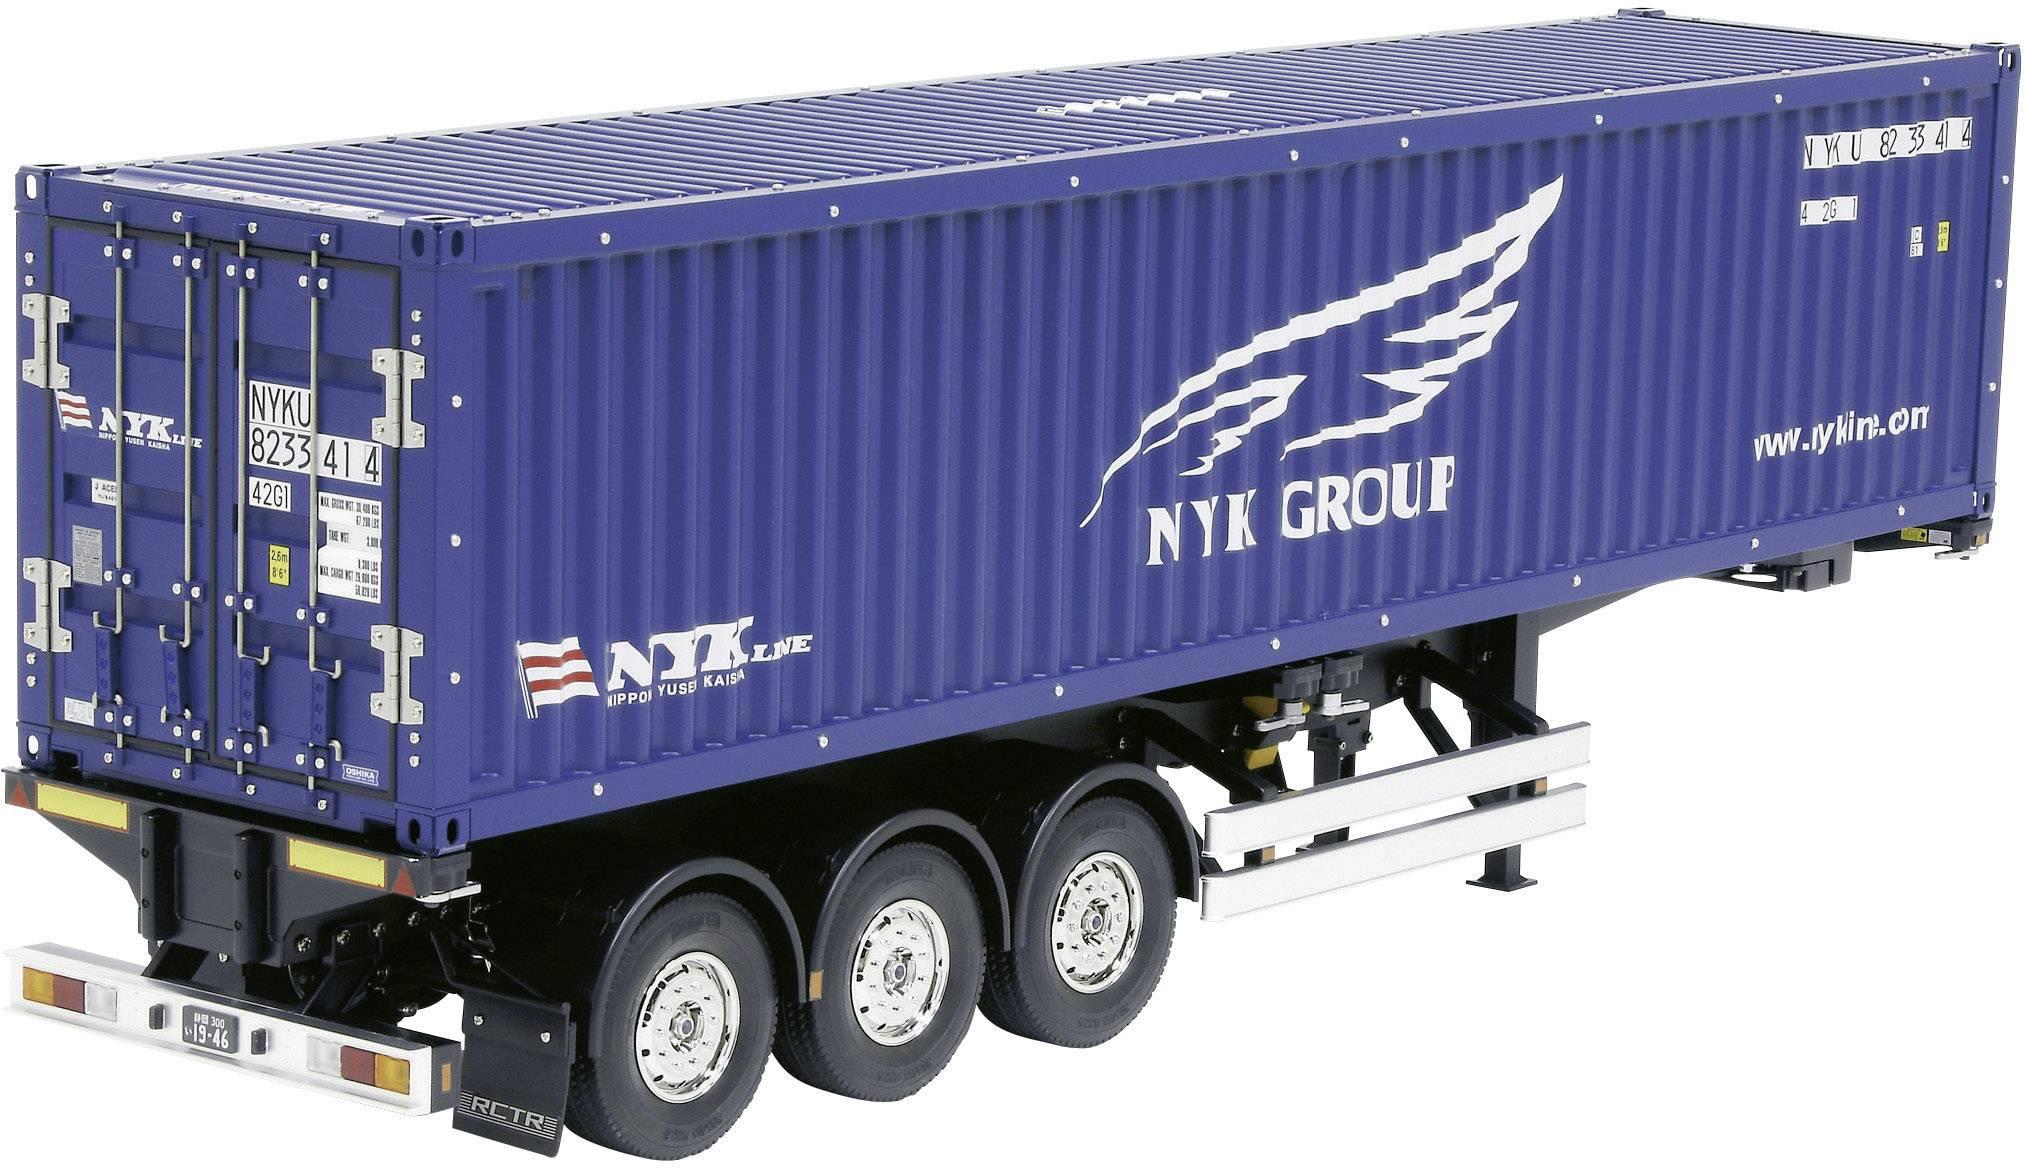 Kontajnerový náves - model Tamiya NYK 300056330, 1:14